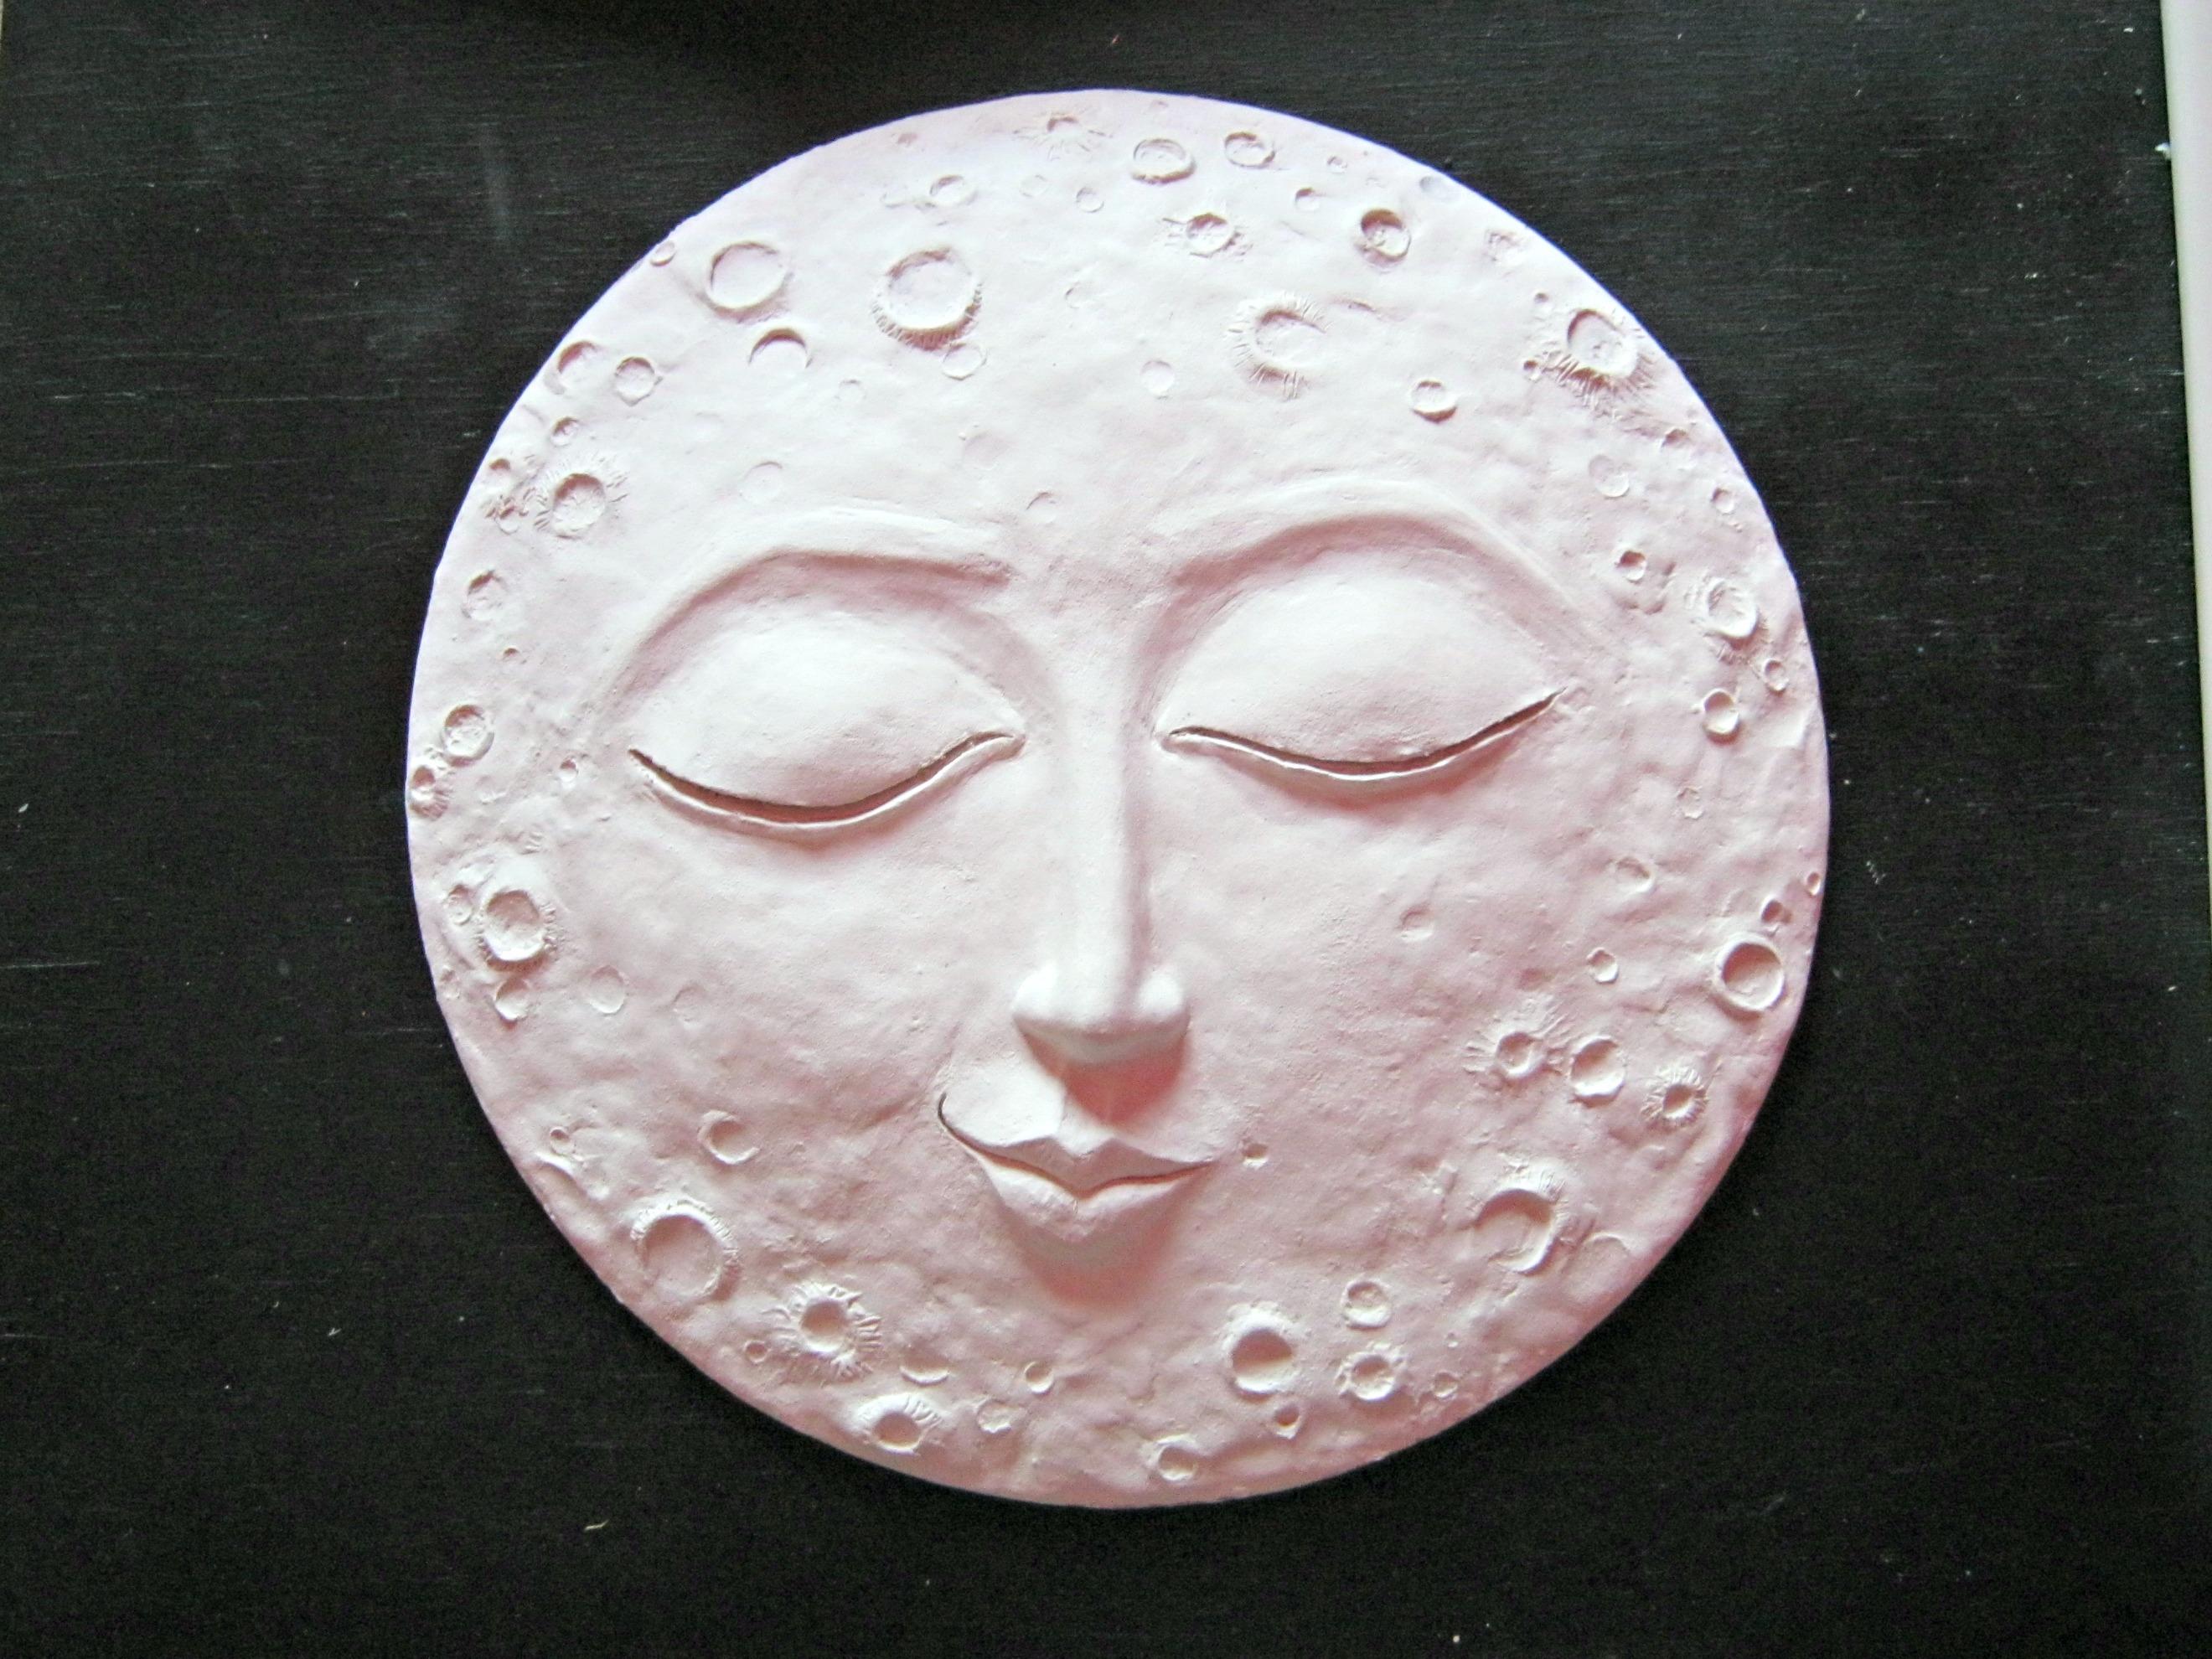 Sleepy Moon Wall Art Paper Clay Tutorial Lynda Makara